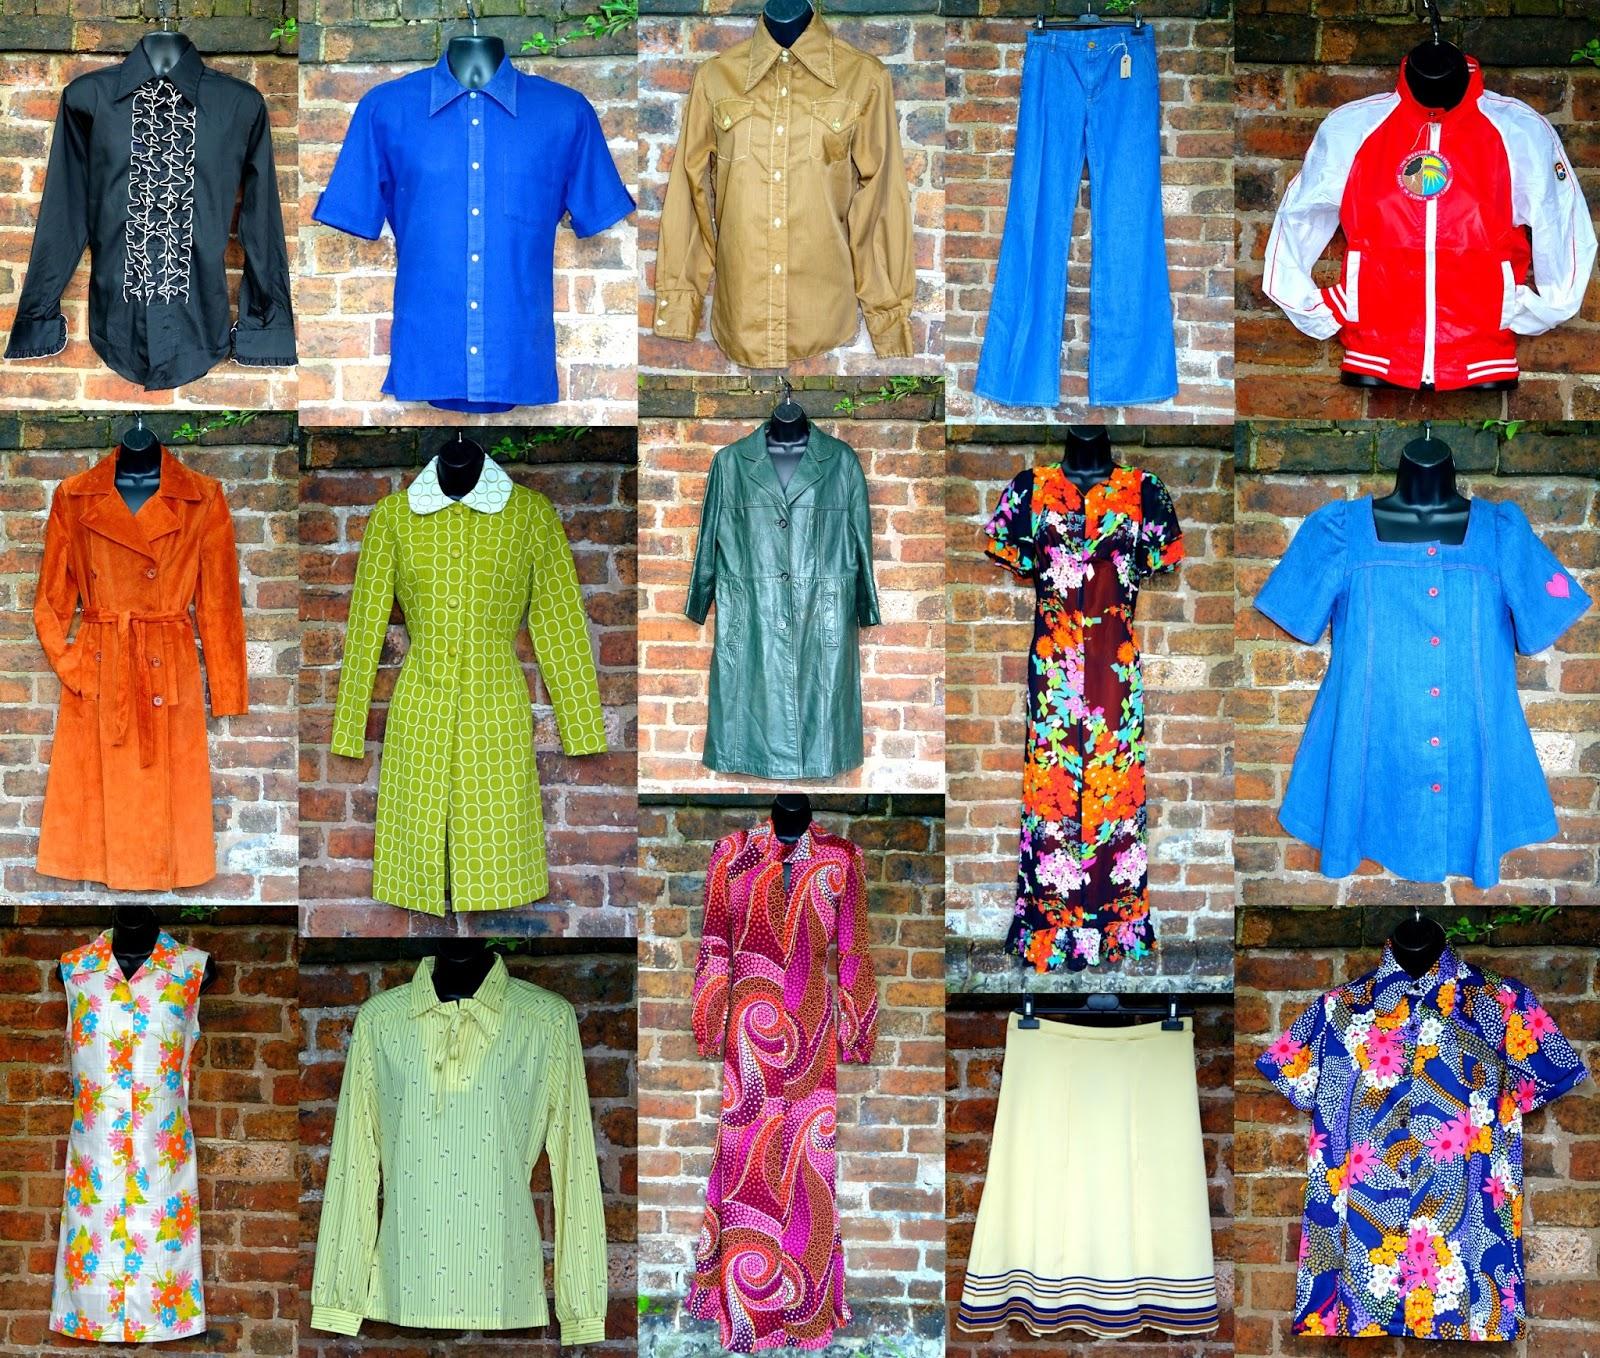 Nikki S Vinyl Fashion Designs